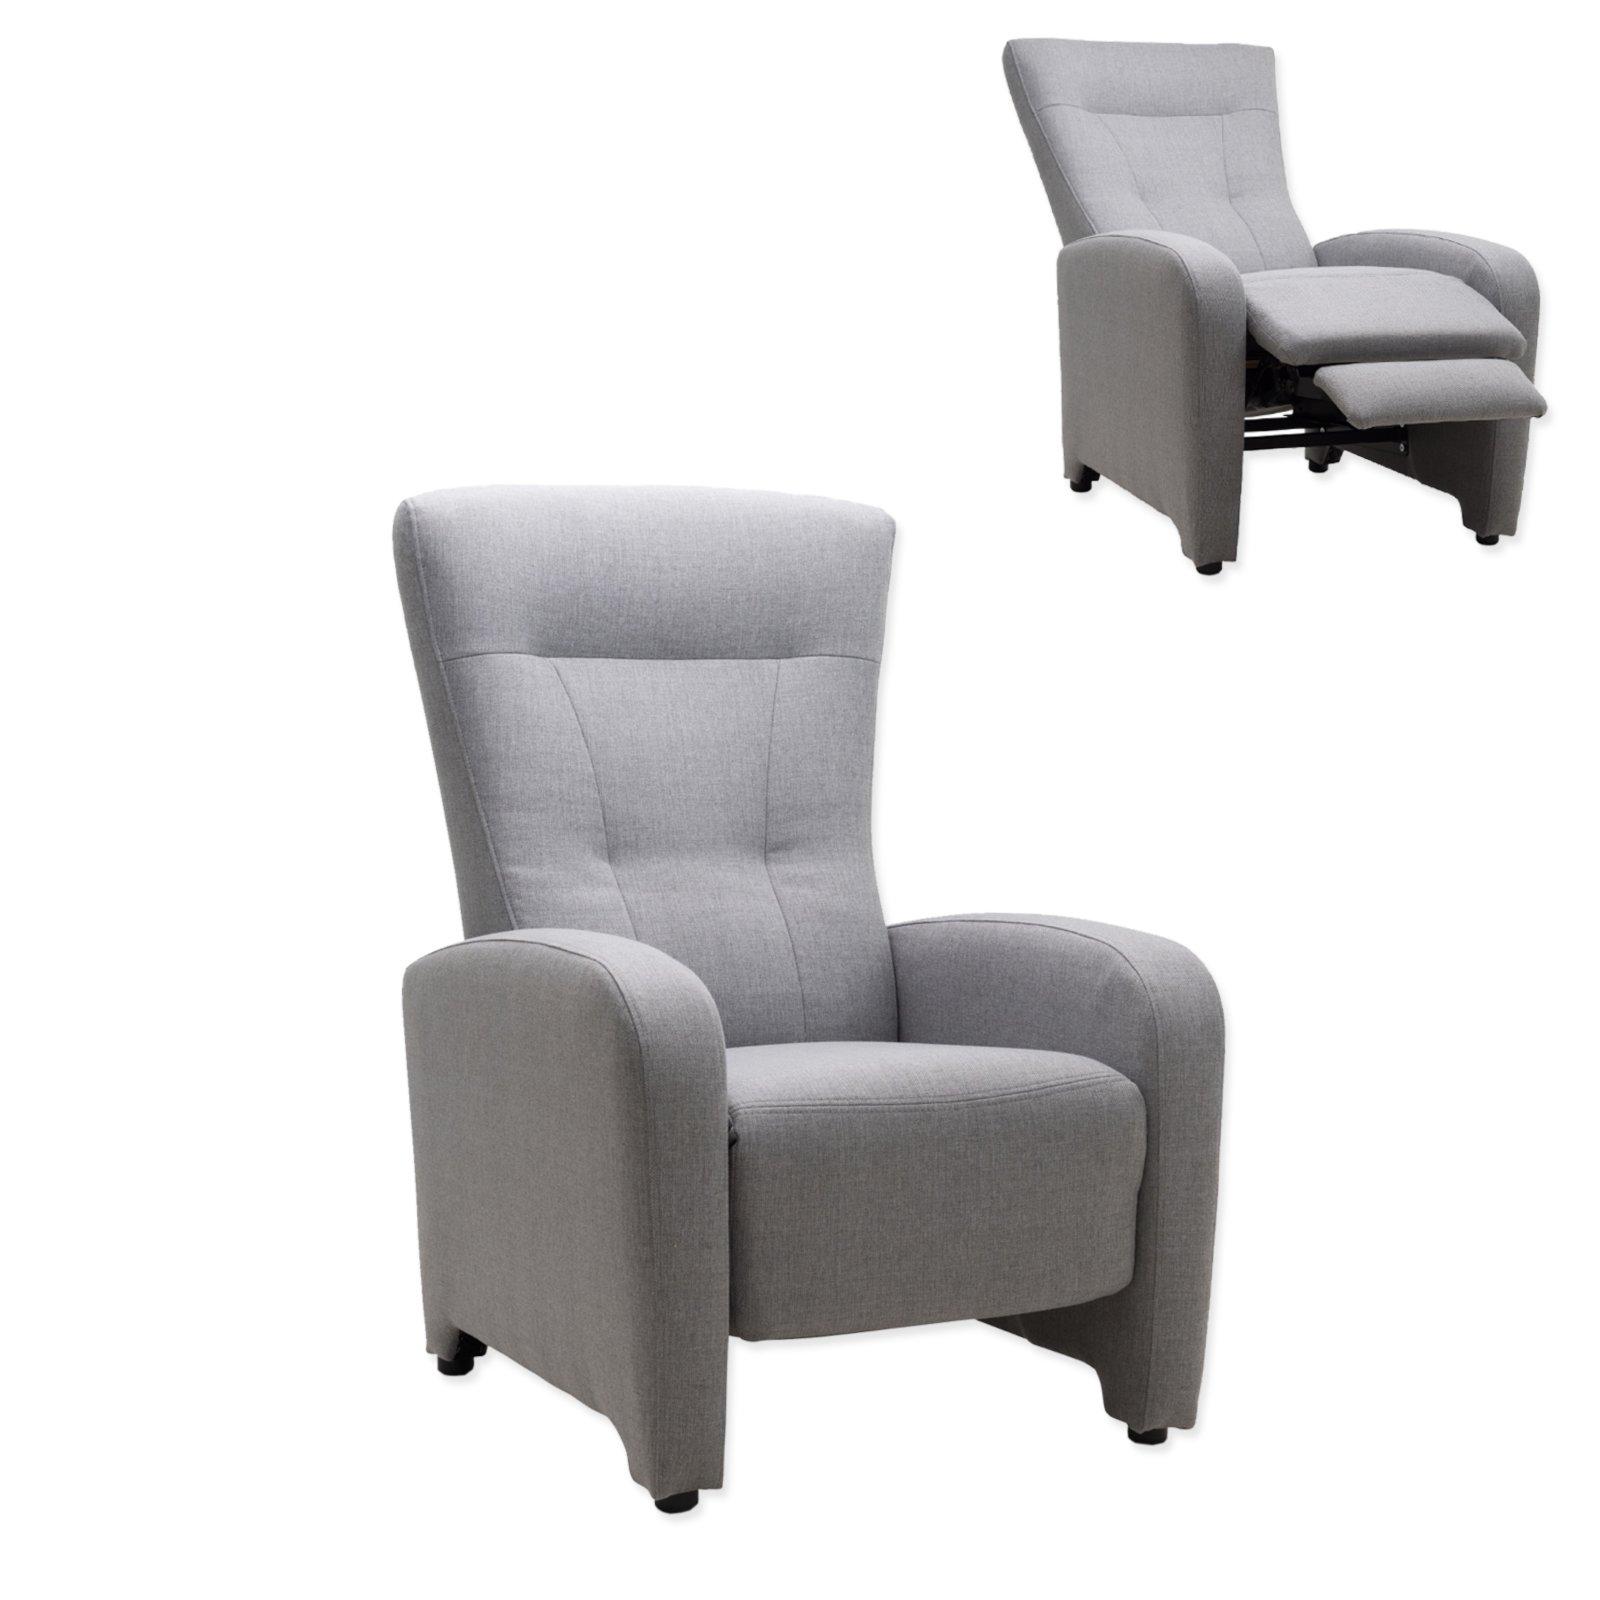 tv sessel grau mit funktion fernseh relaxsessel sessel hocker m bel roller. Black Bedroom Furniture Sets. Home Design Ideas